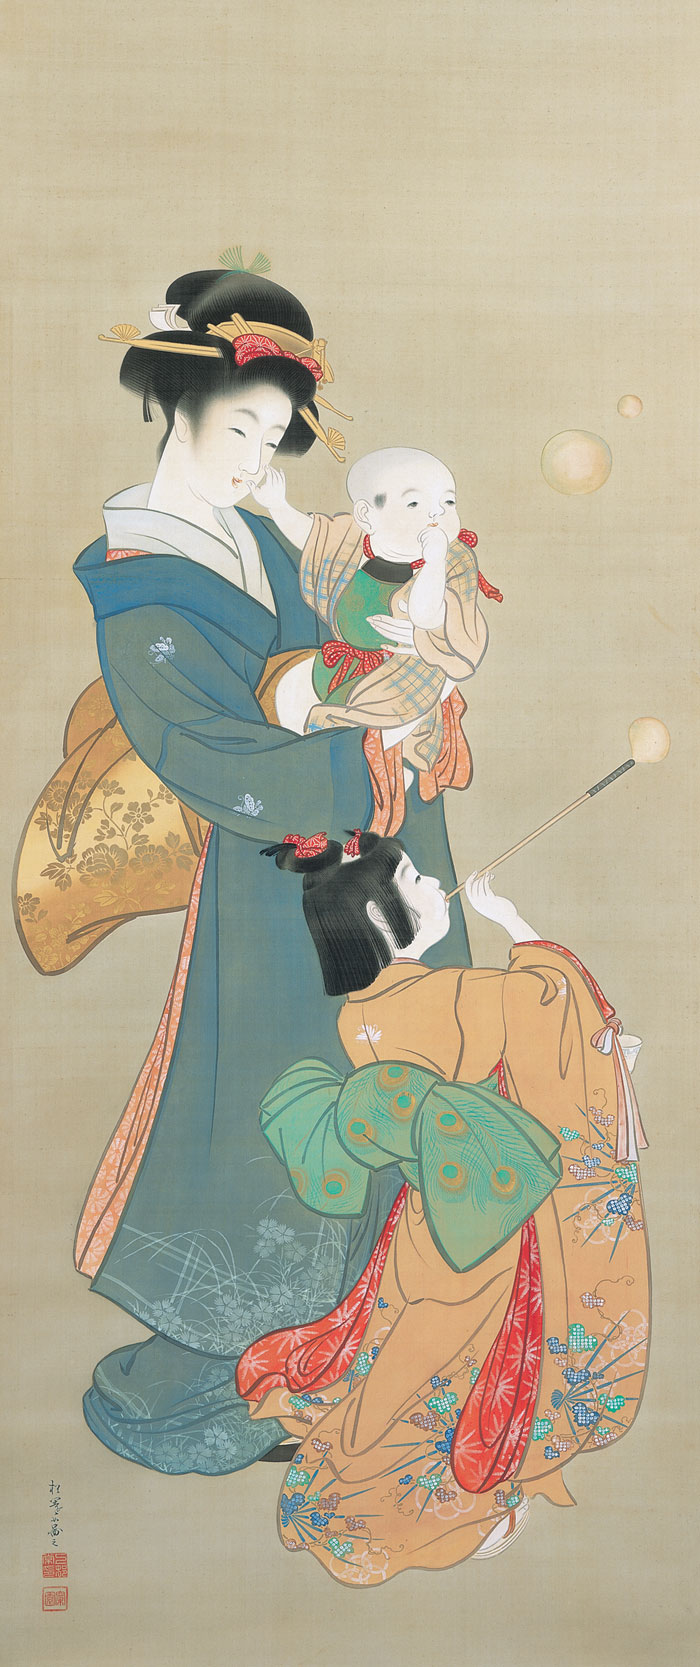 上村松園 (1875-1949)《志ゃぼん玉》明治36(1903)年頃